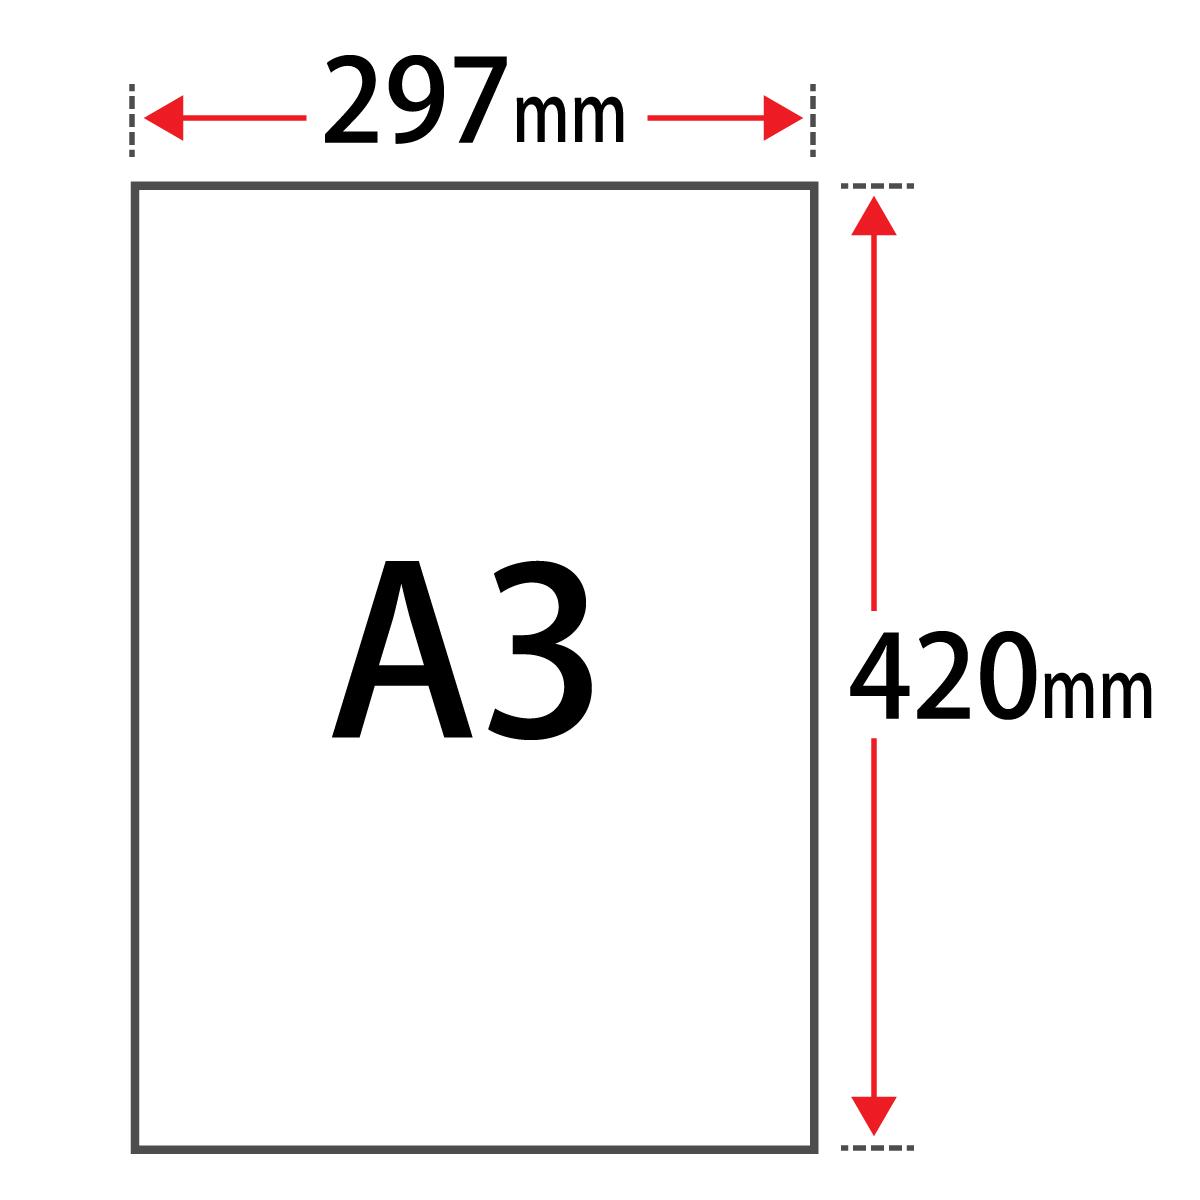 マーメイド 128g/平米(0.19mm) A3サイズ:200枚※下記より一色のみご選択ください